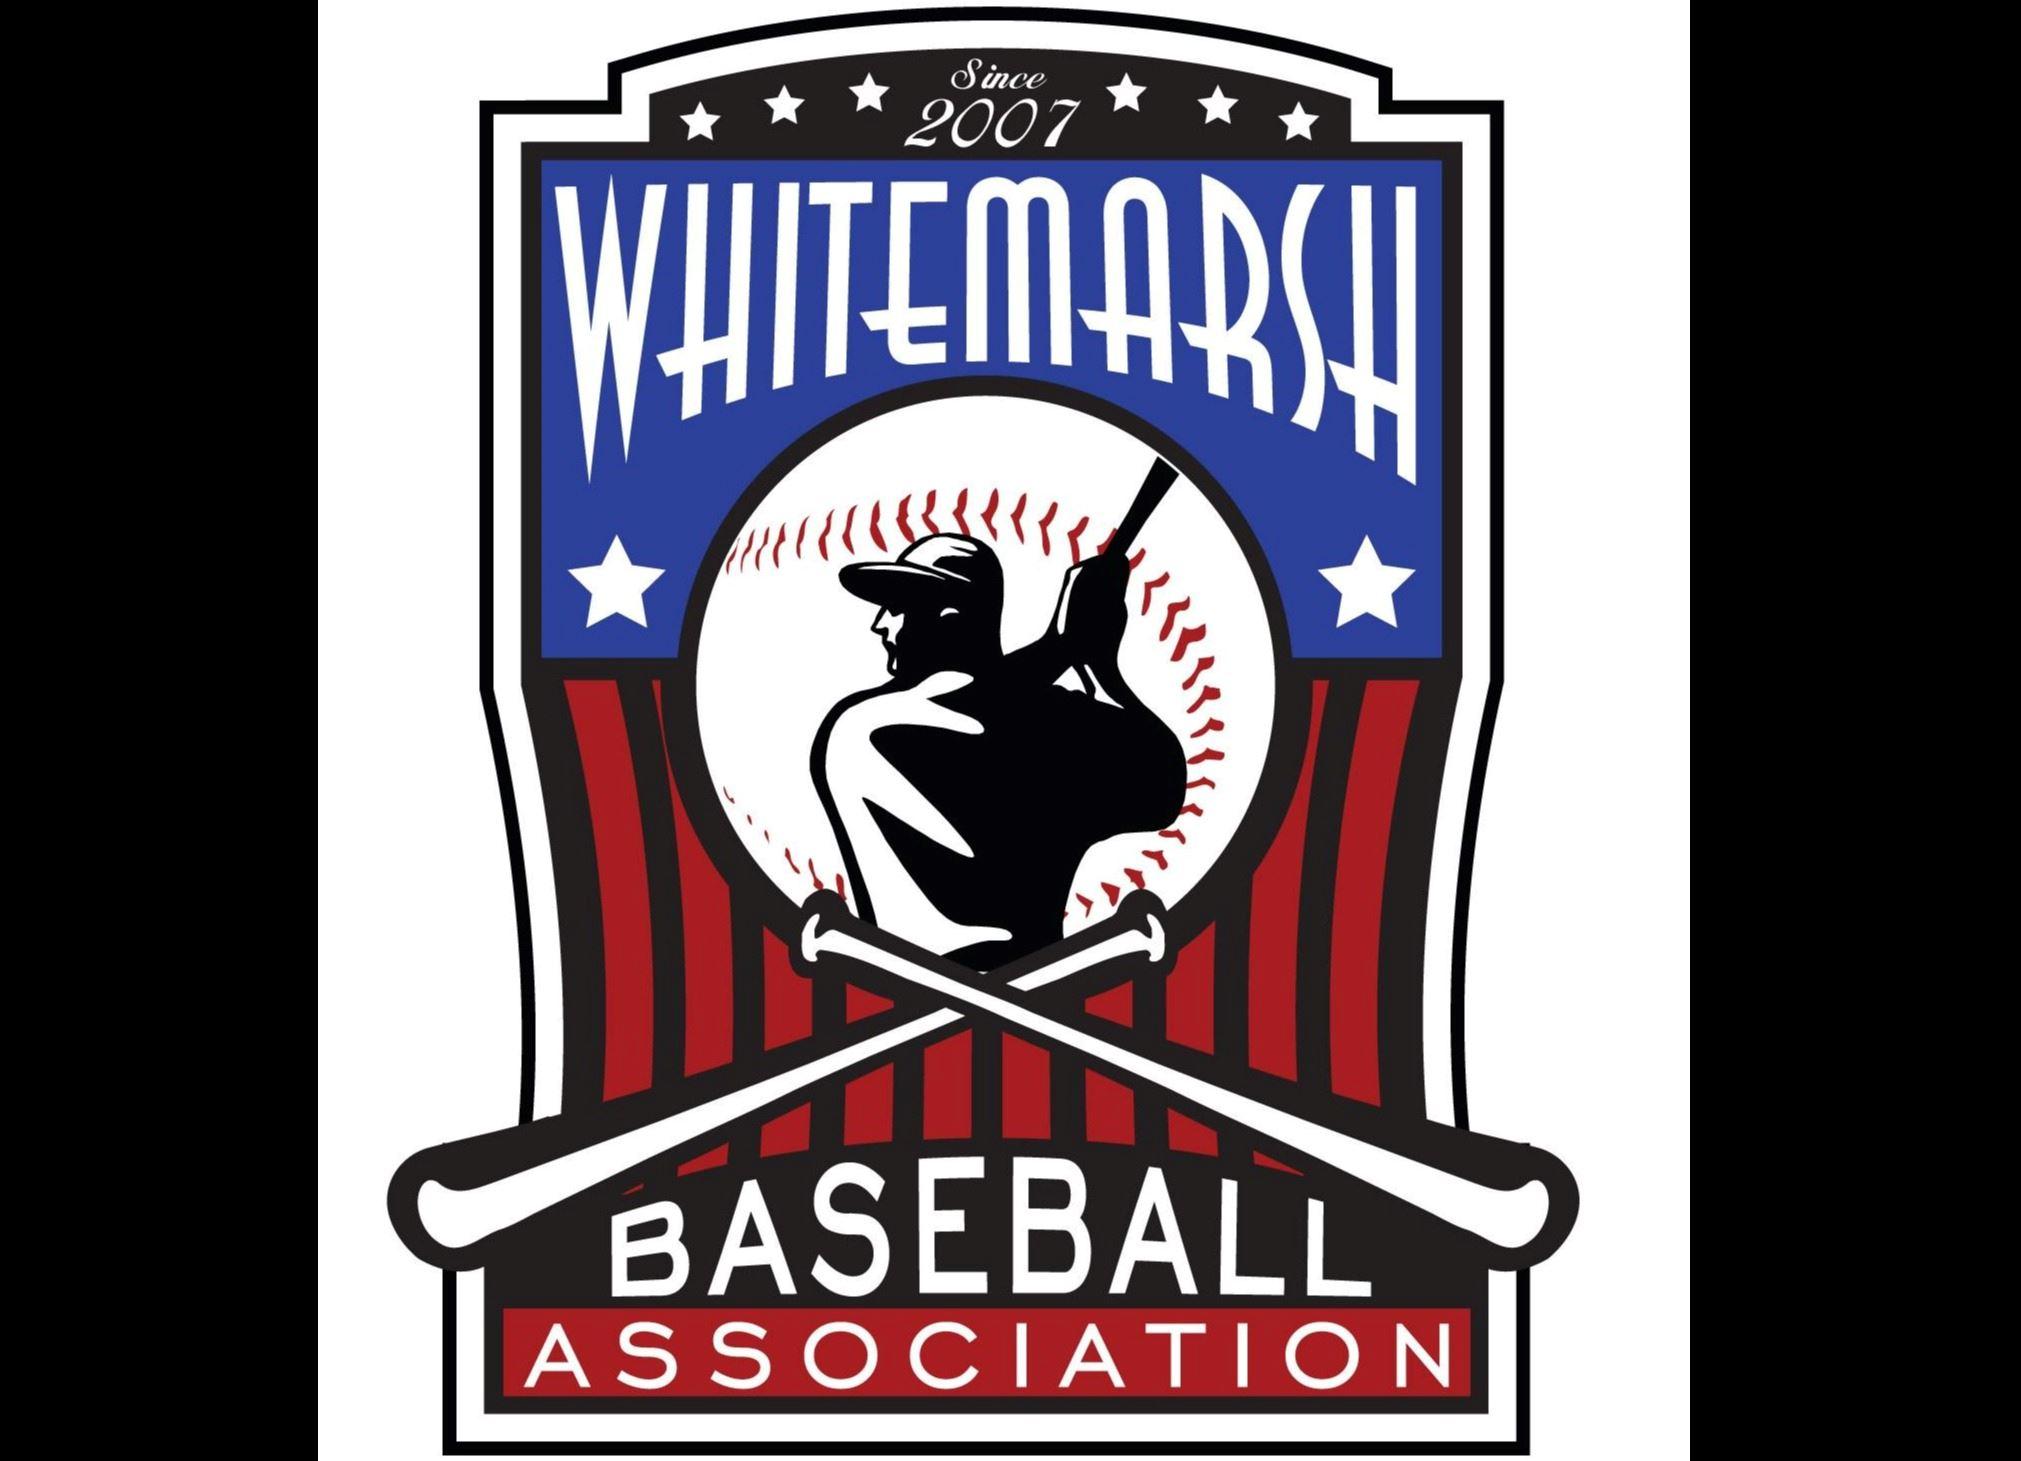 Whitemarsh Baseball Association